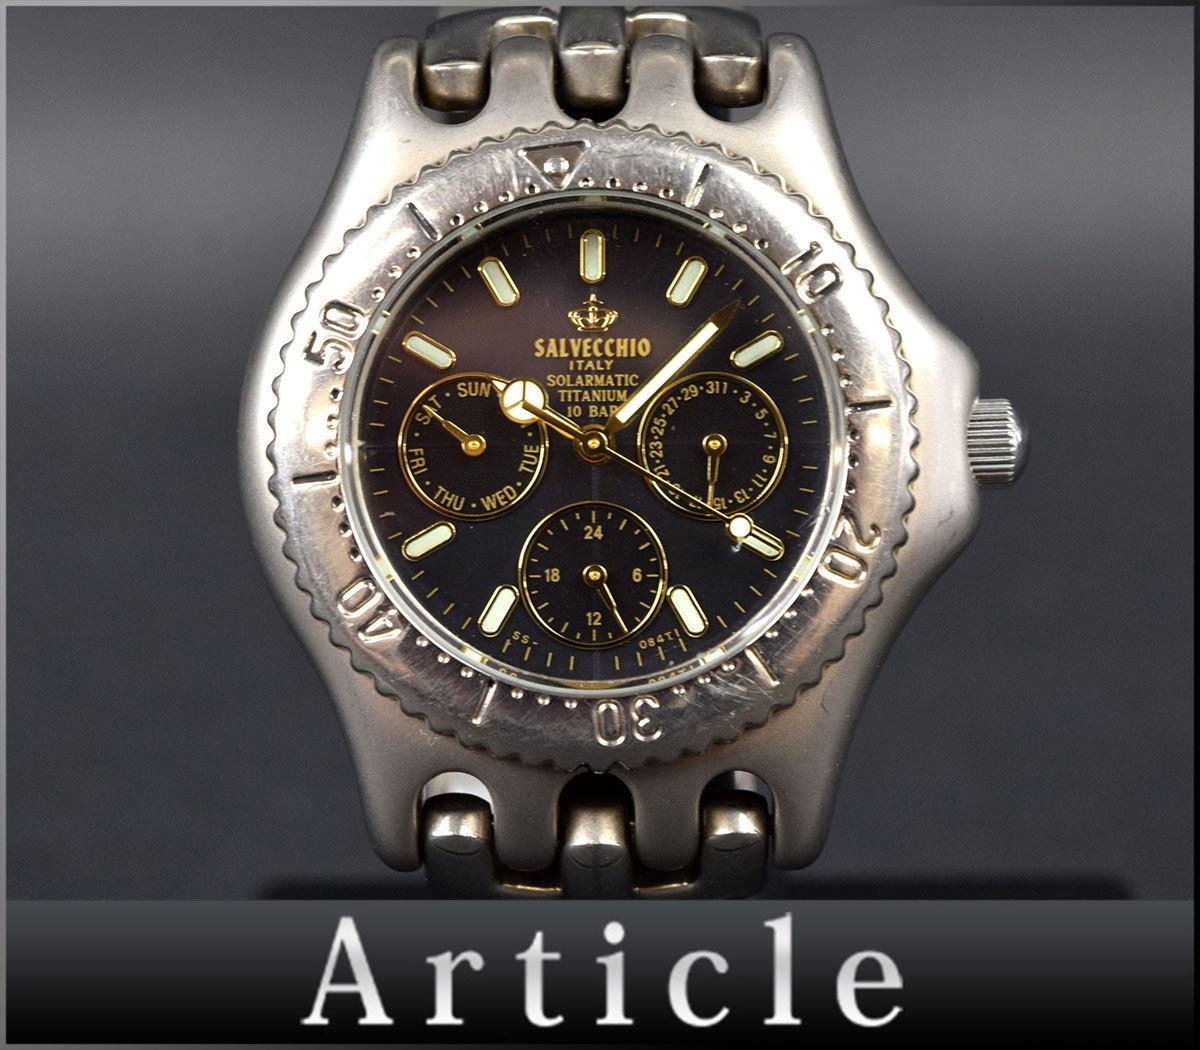 a229b04811be 72350-3☆ 動作確認済 SALVECCHIO サルベッキオ/ メンズウォッチ 腕時計/ クォーツ/